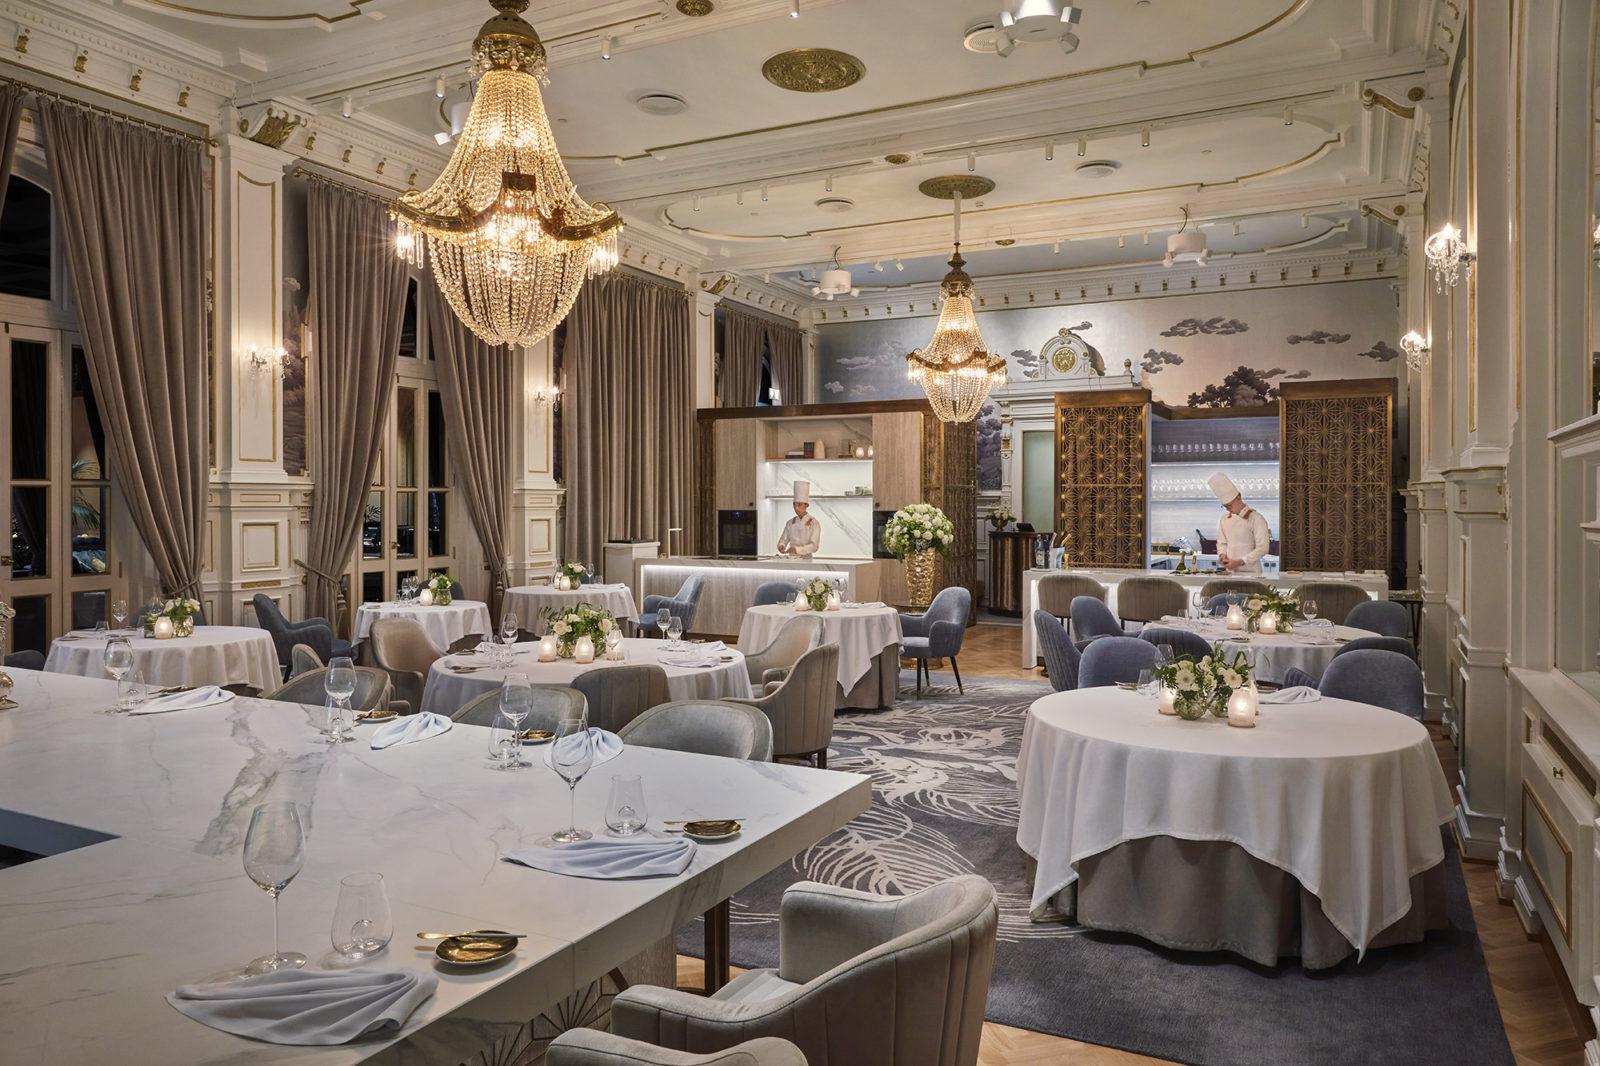 Speilsalen lokale - Michelin restaurant i Trondheim